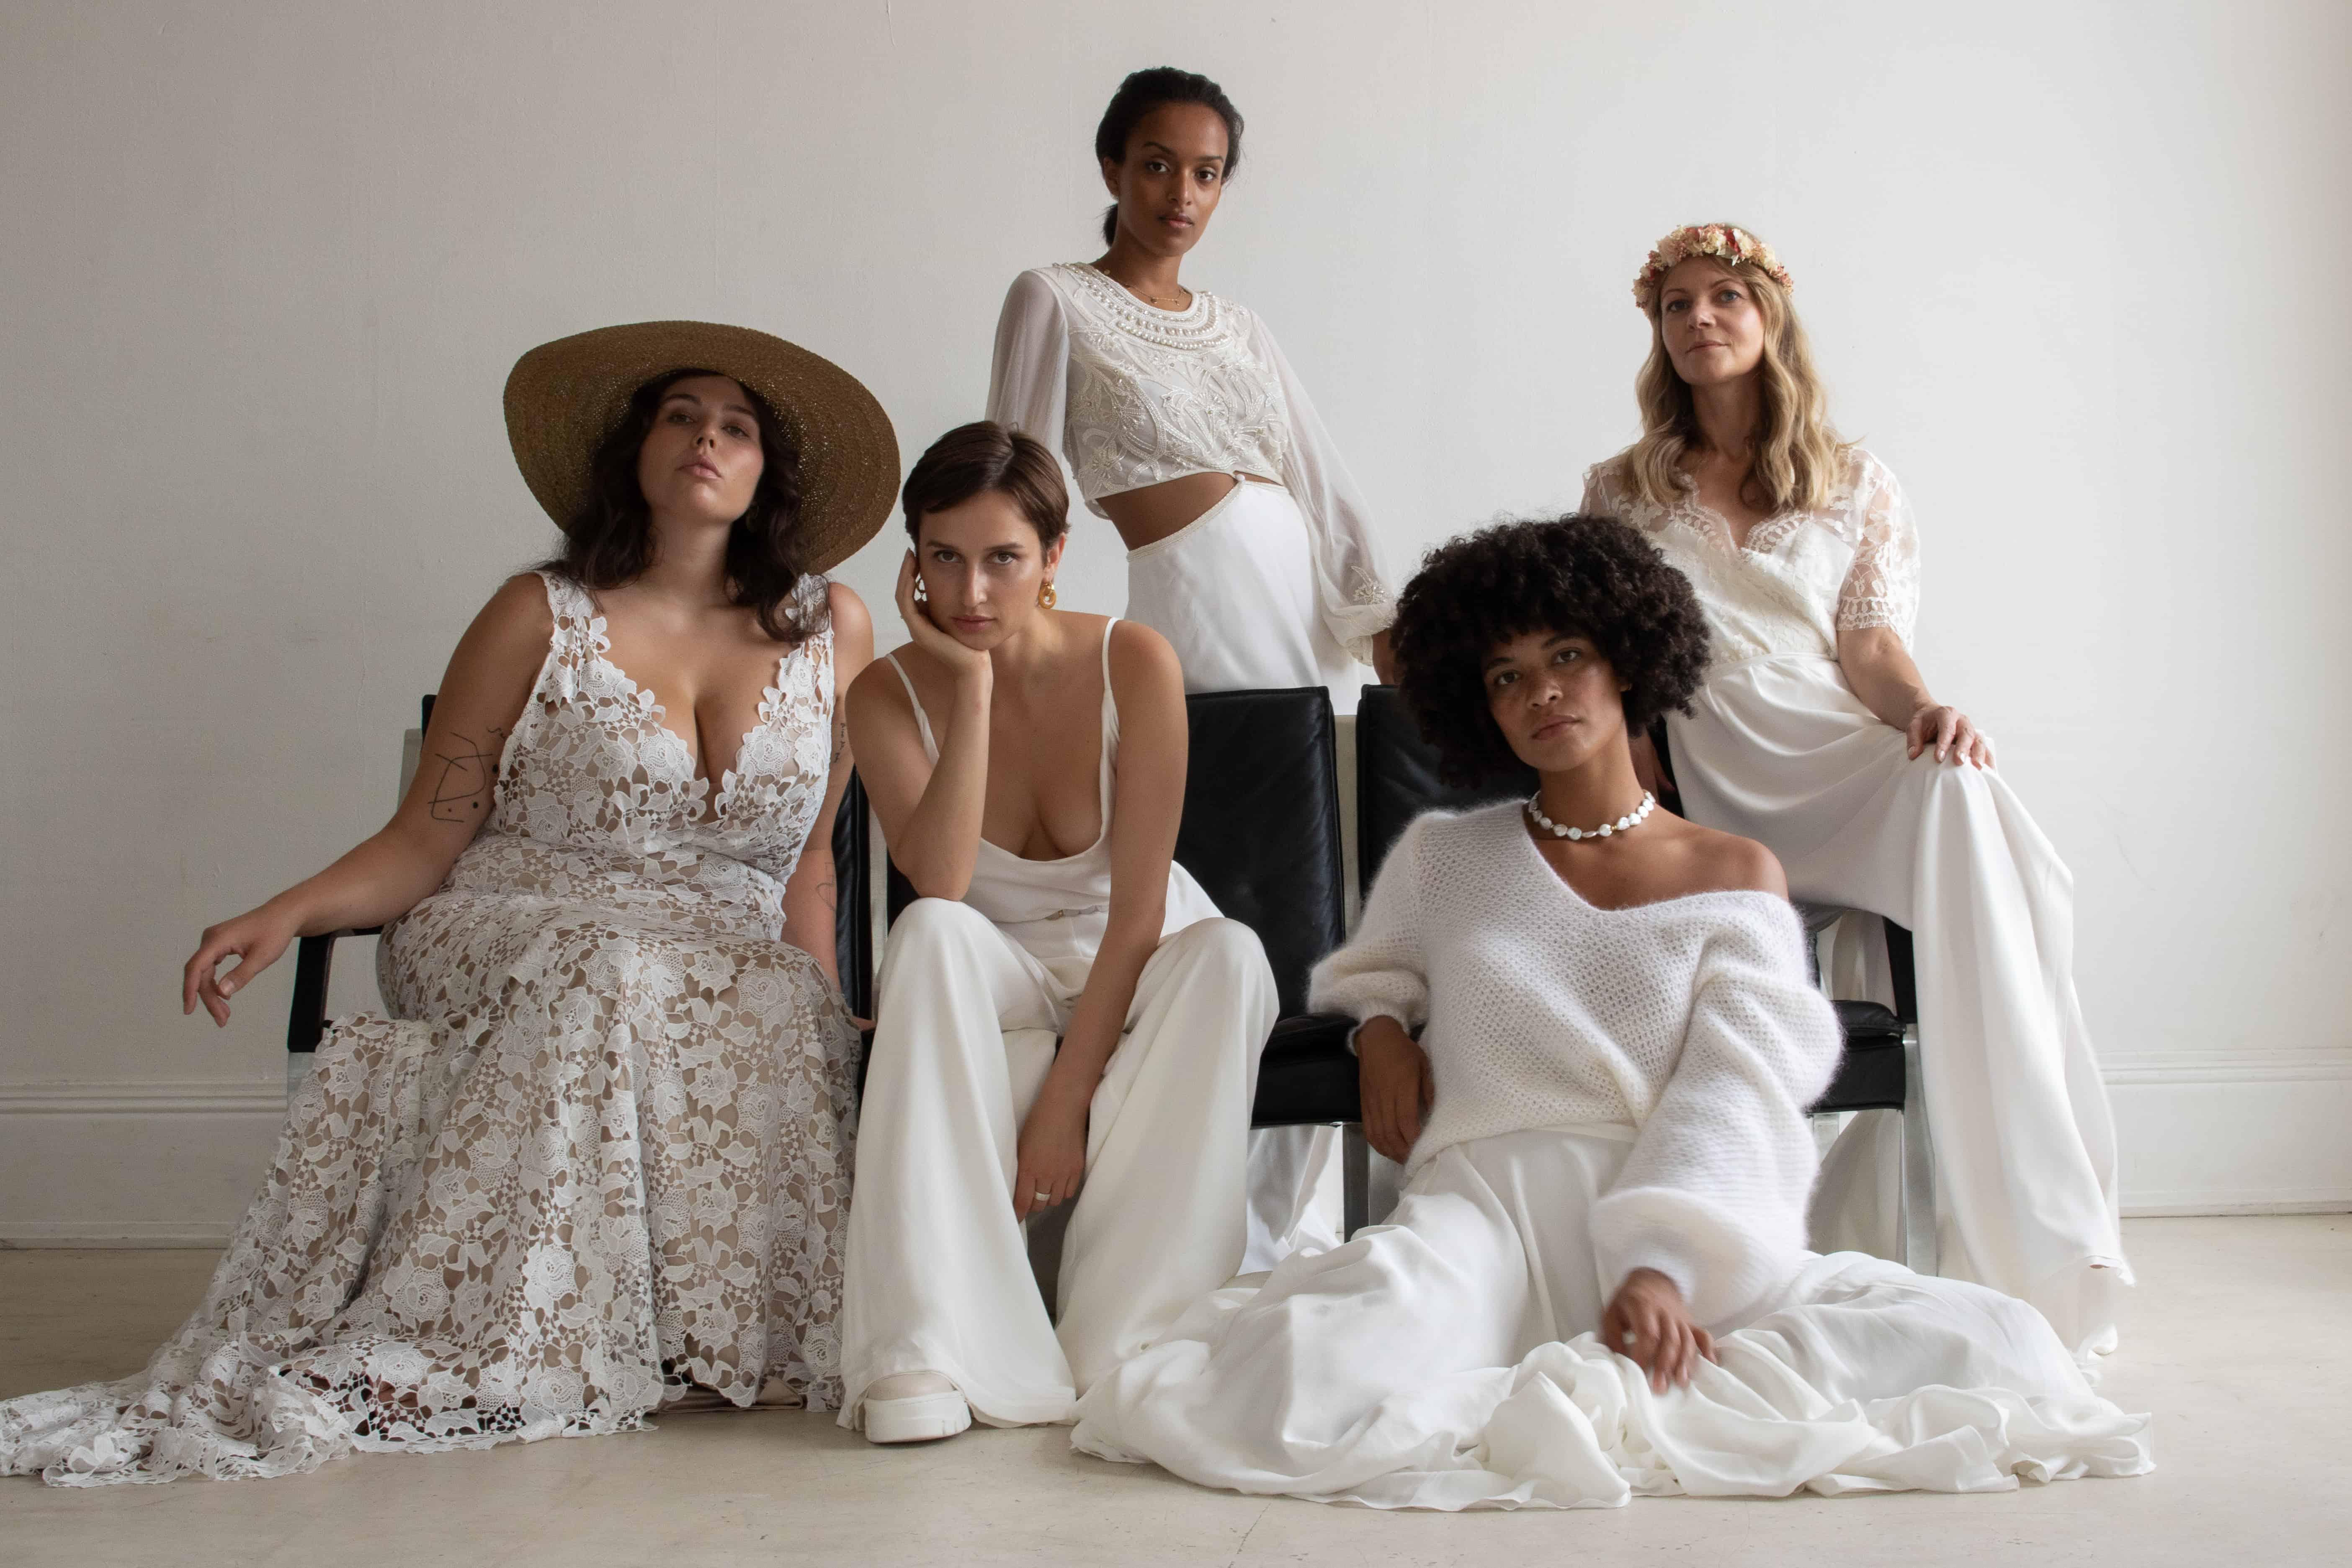 Diese beiden Frauen revolutionieren die Brautmodebranche – mehr